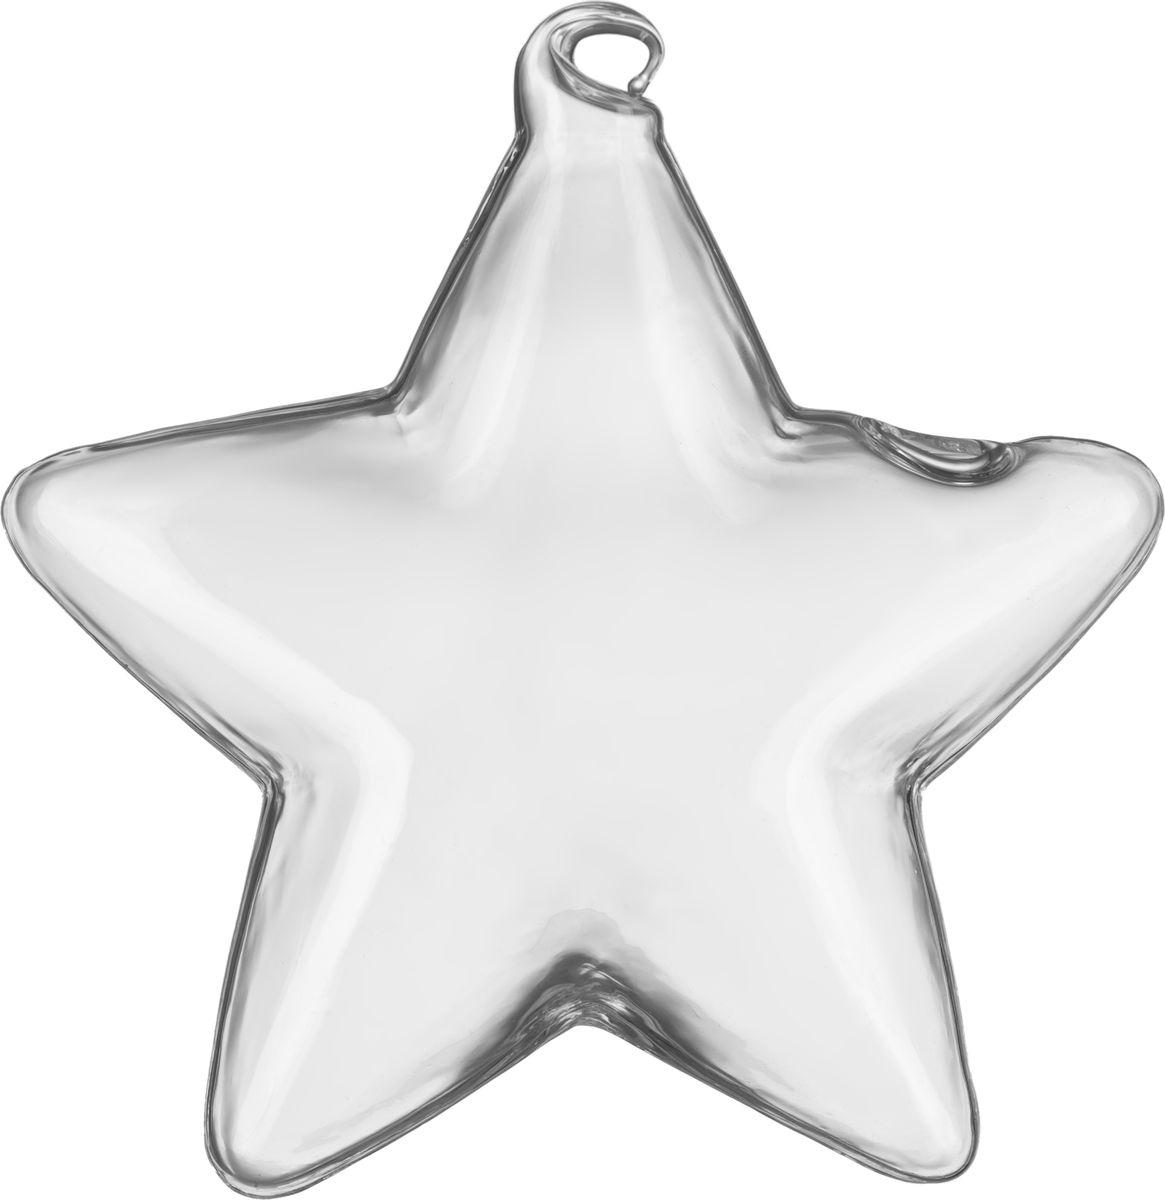 Ваза Engard Звезда, подвесная, 10 смWB-06Стеклянная ваза Звезда - это изысканный предмет для декора вашего дома. Стекло, из которого она изготовлена, пропускает свет и создаёт интересный эффект преломления. Форма звезды смотрится очень празднично и сказочно. Вазу можно эффектно подвесить.